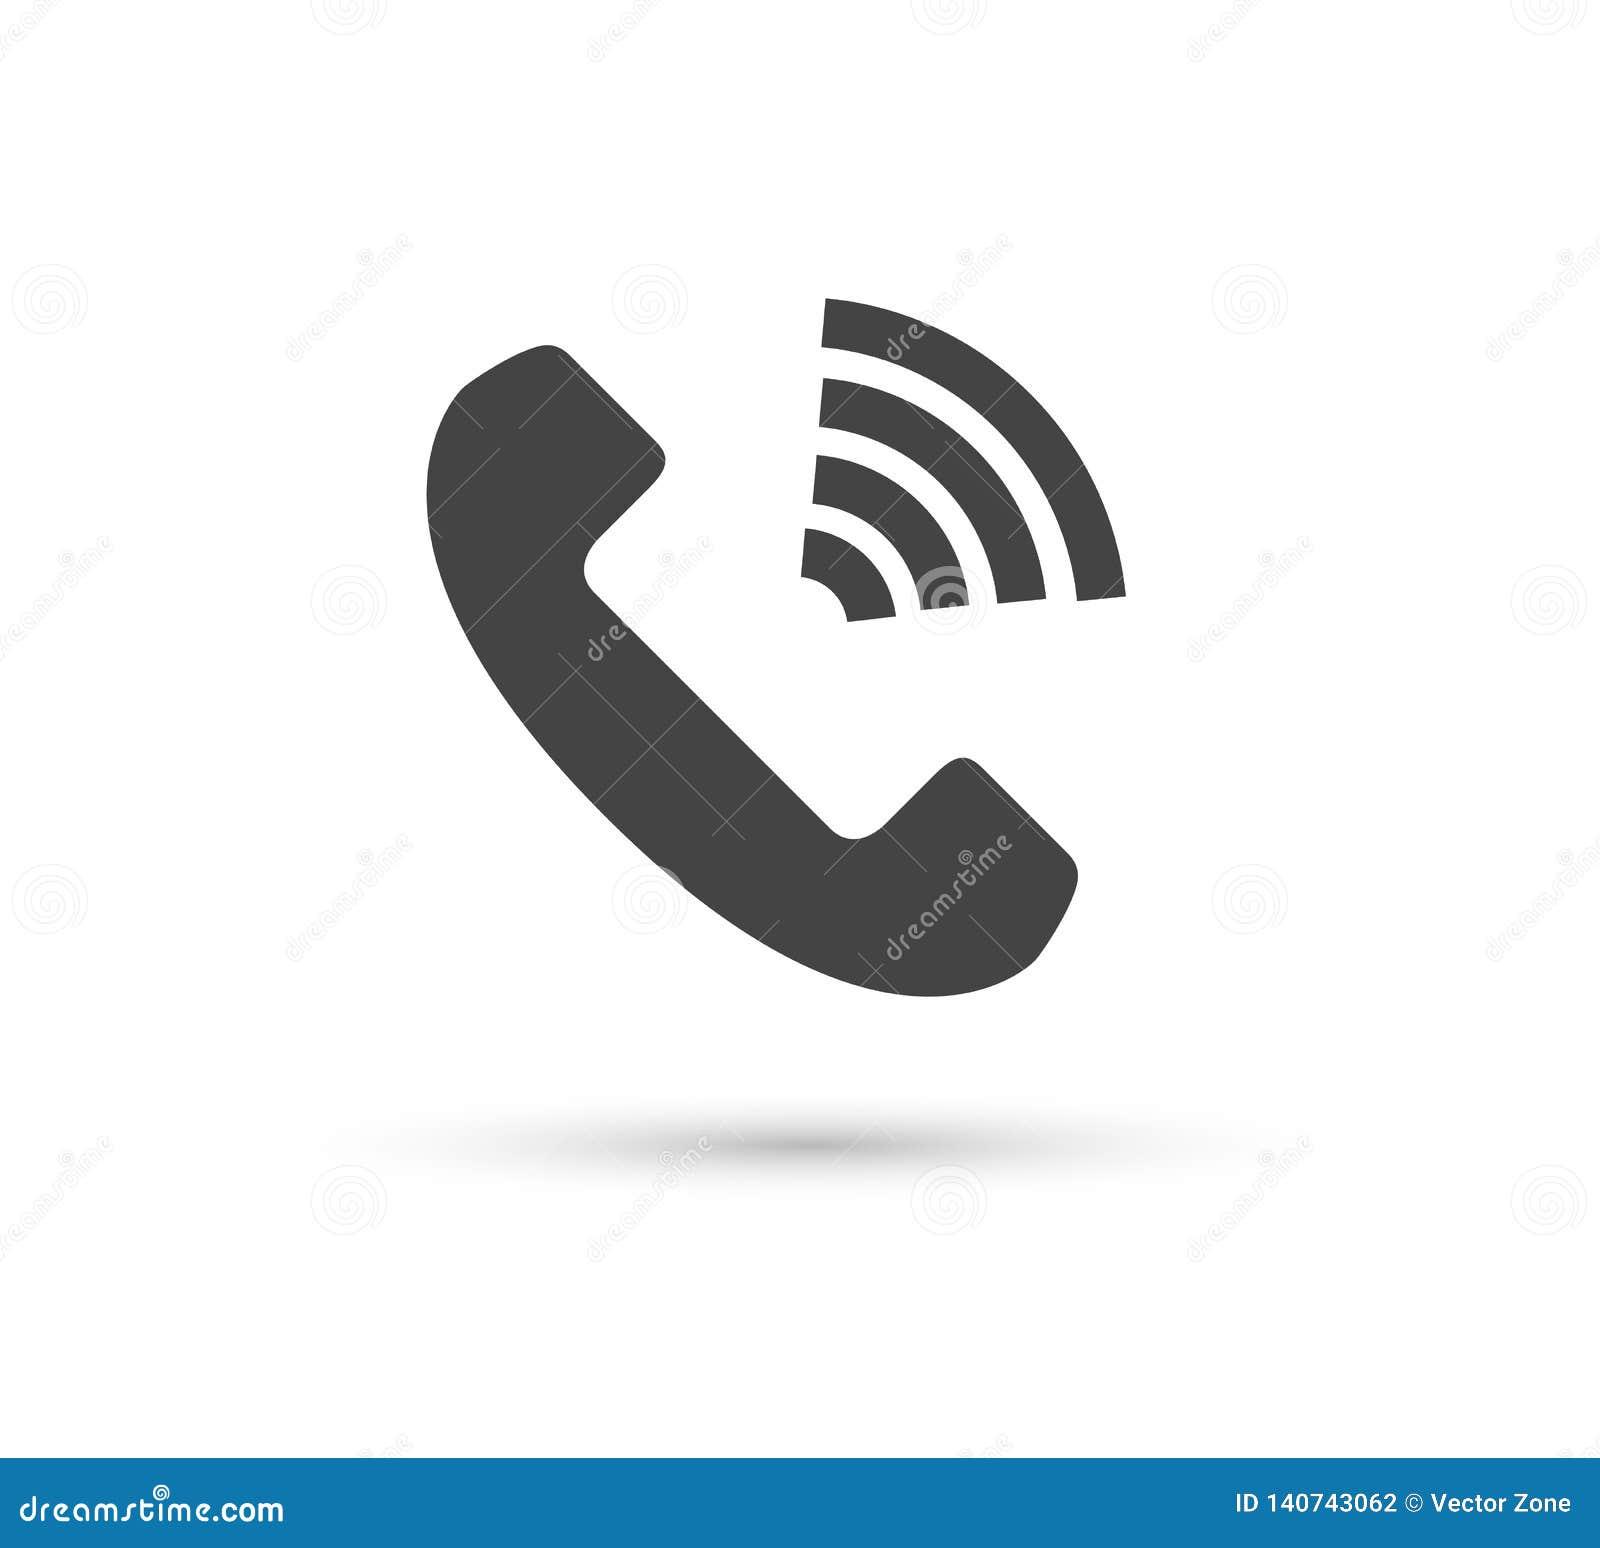 Τηλεφωνικό διανυσματικό εικονίδιο διανυσματικό επίπεδο λογότυπο ύφους Μικροτηλέφωνο με την απεικόνιση σκιών Εύκολη έκδοση της απε